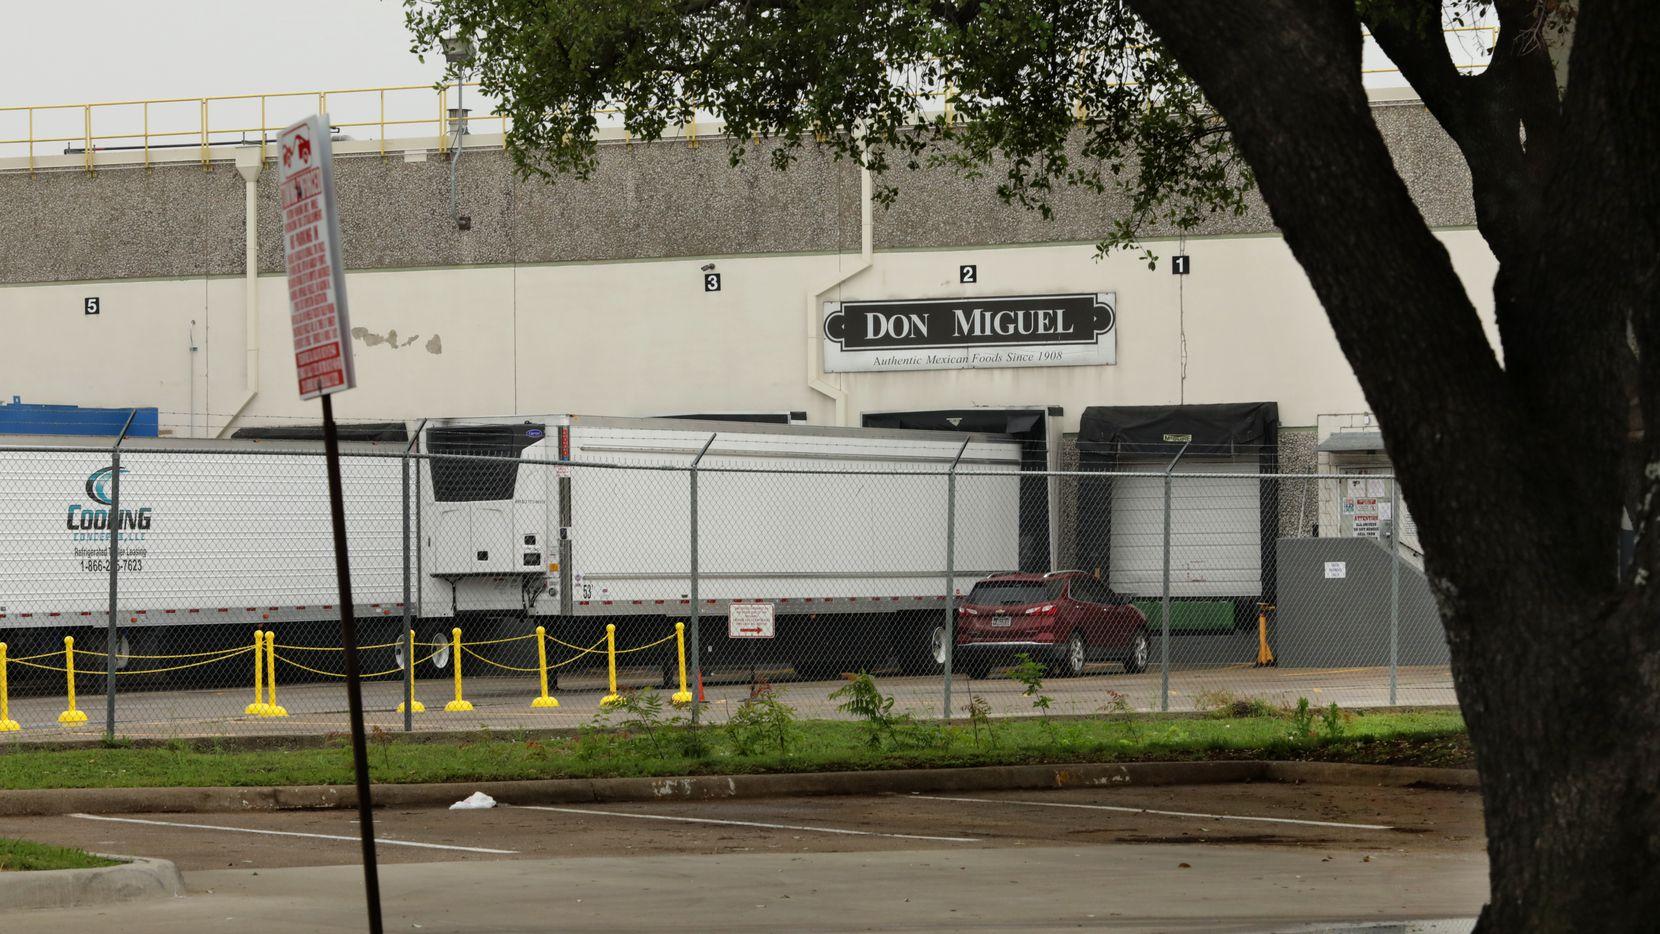 La planta de Don Miguel Foods ubicada en el noroeste de Dallas fue cerrada para limpieza profundo luego que se detectaron casos de covid-19. La empresa no confirmó cuántos contagios tuvo.